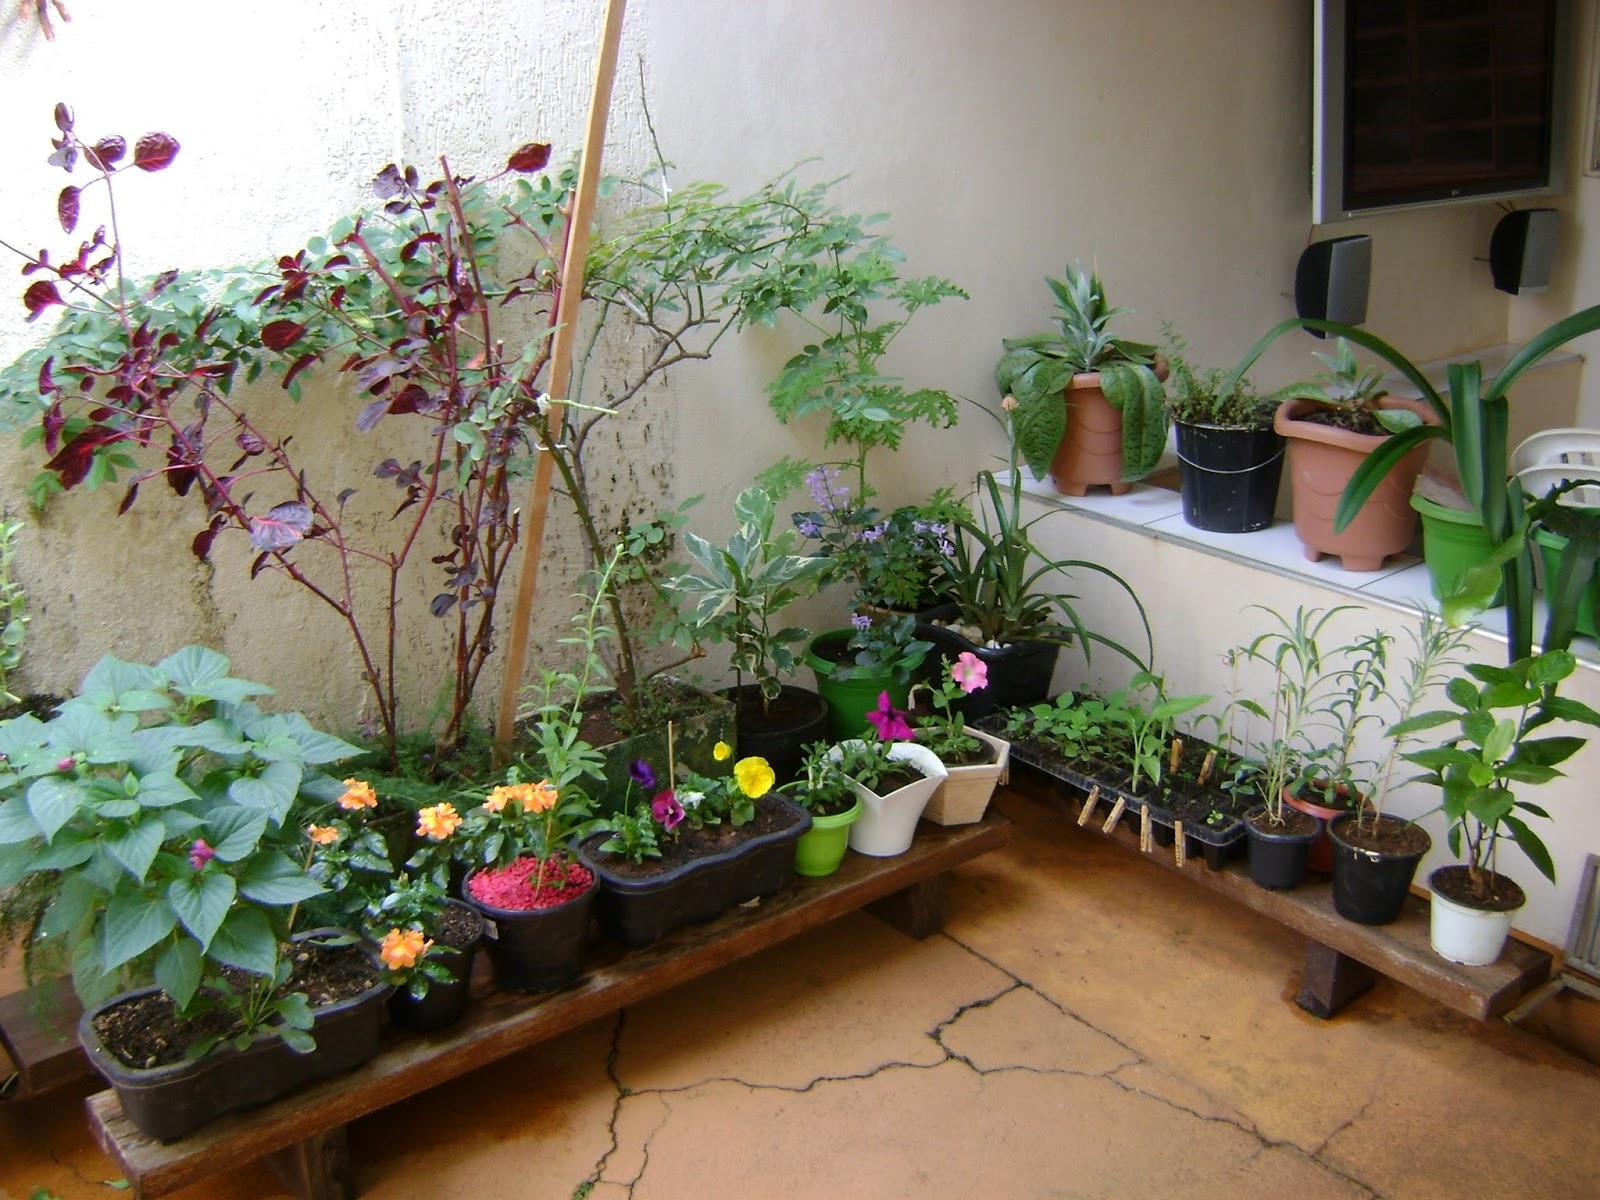 de um jardim floridoDiário de uma Sementeira Um pouco do meu jardim